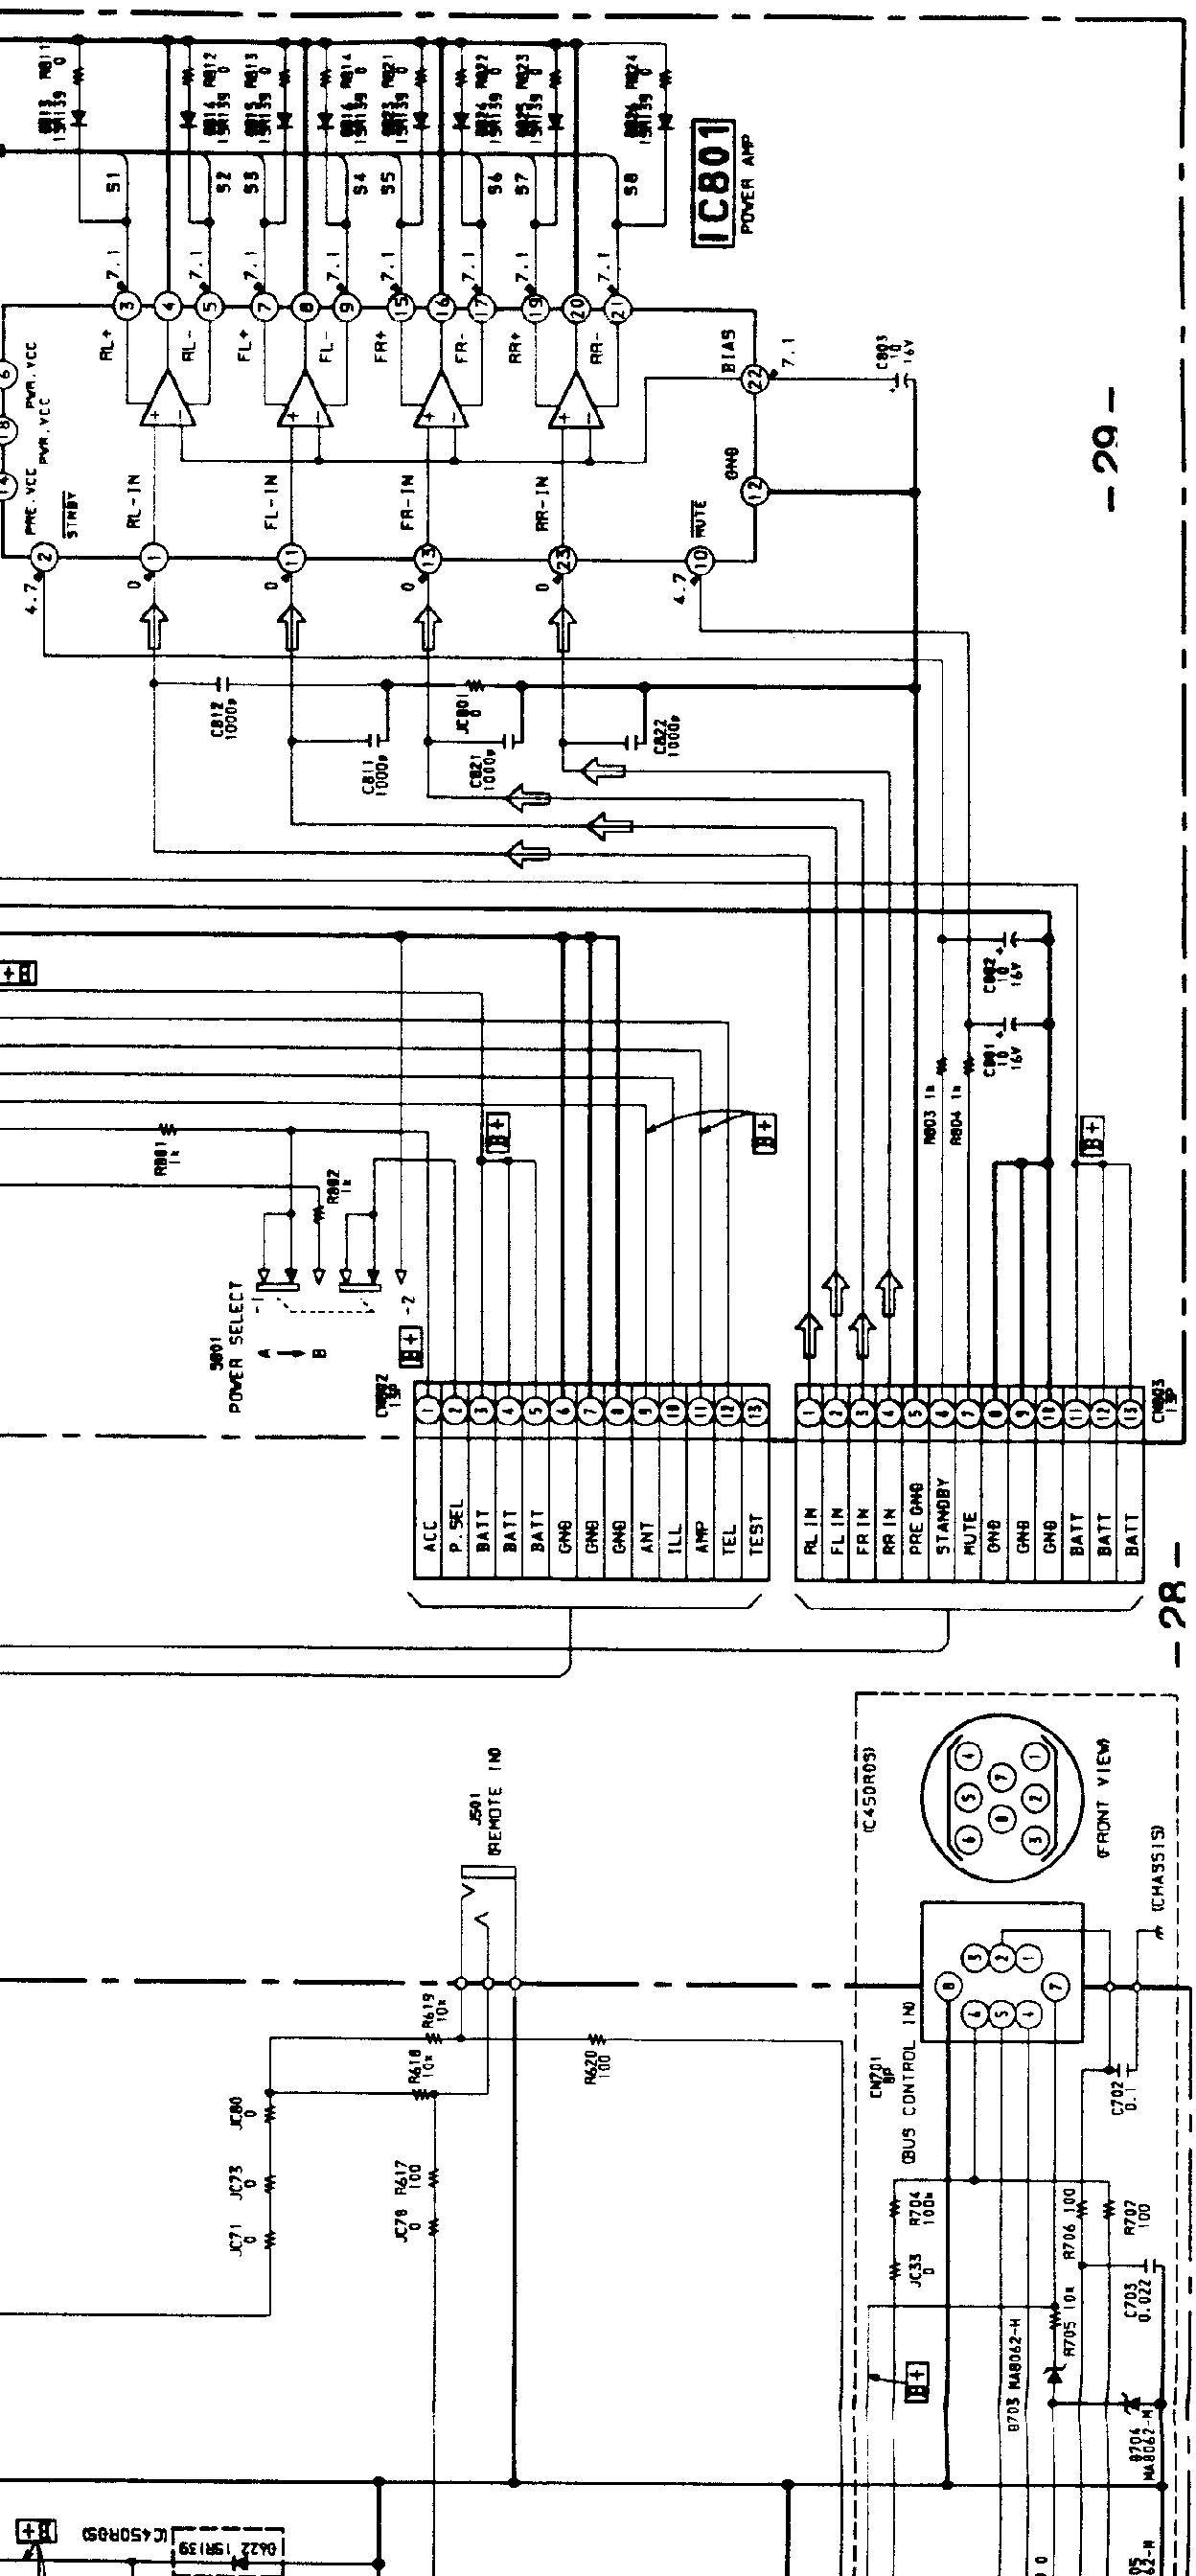 sony cdx gt10w wiring harness diagram